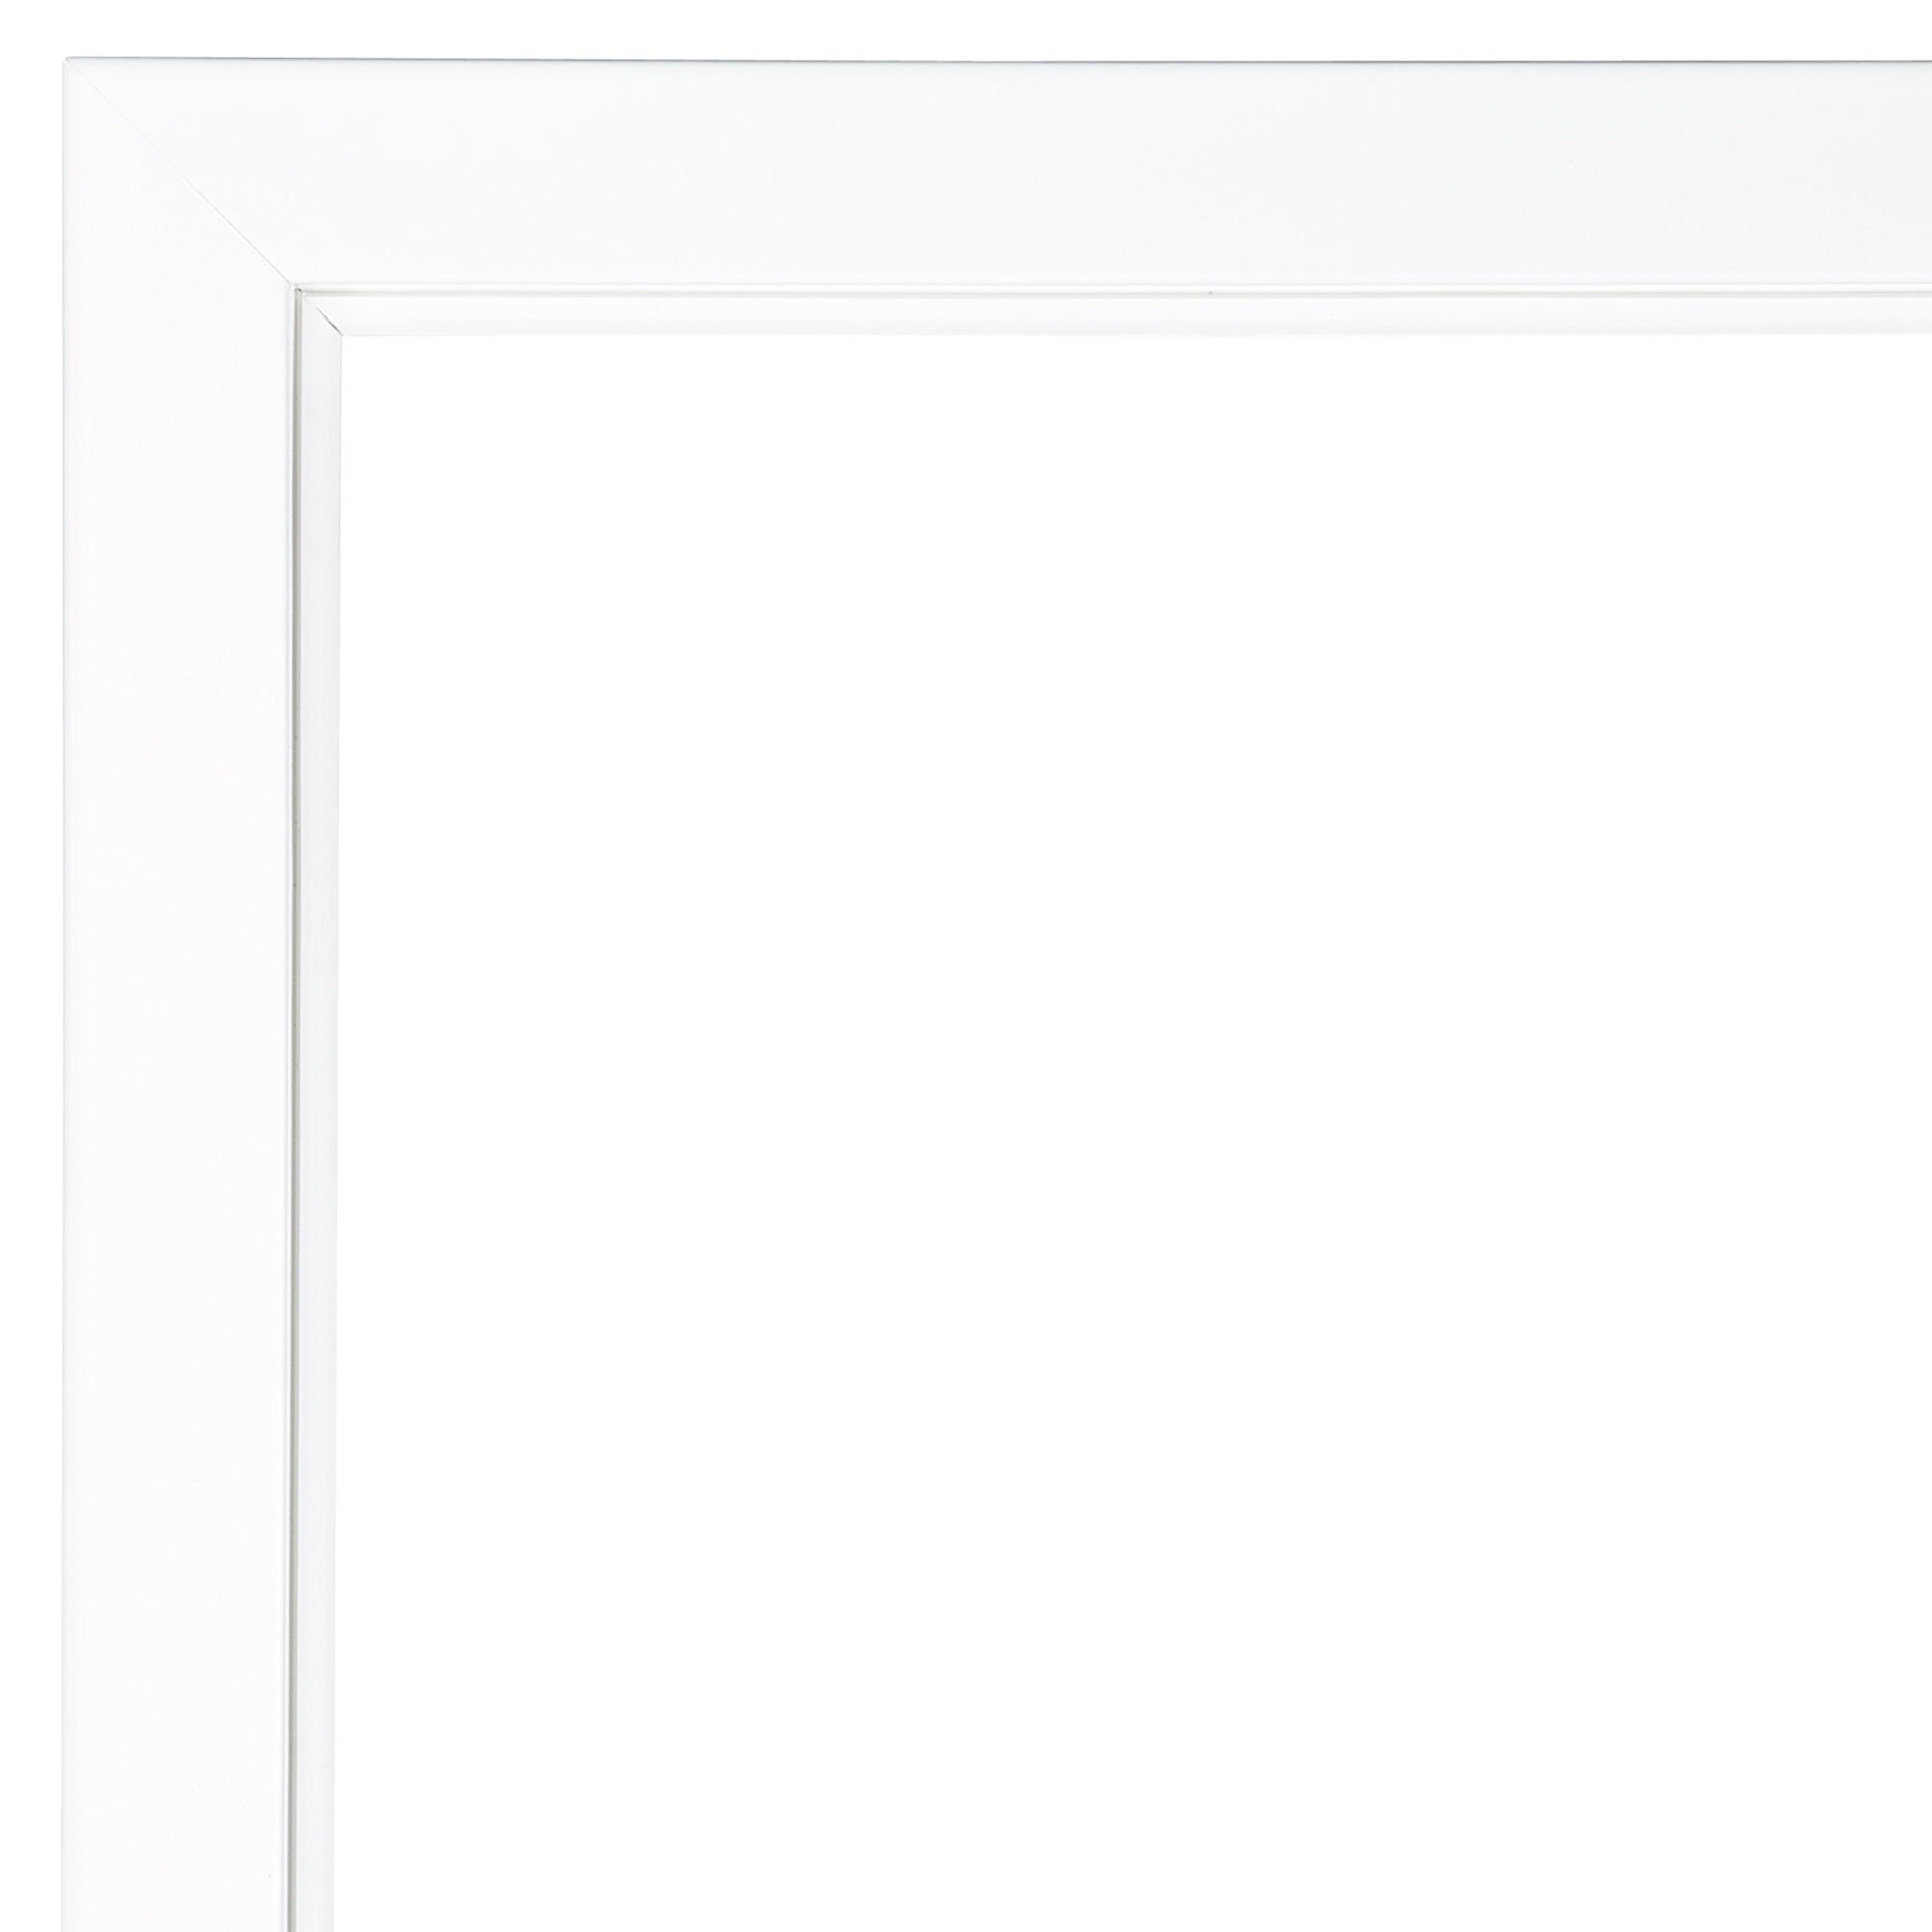 Türzarge weiß  Türzarge GL223 Laminit weiß 73,5 x 10 cm rechts | toom Baumarkt